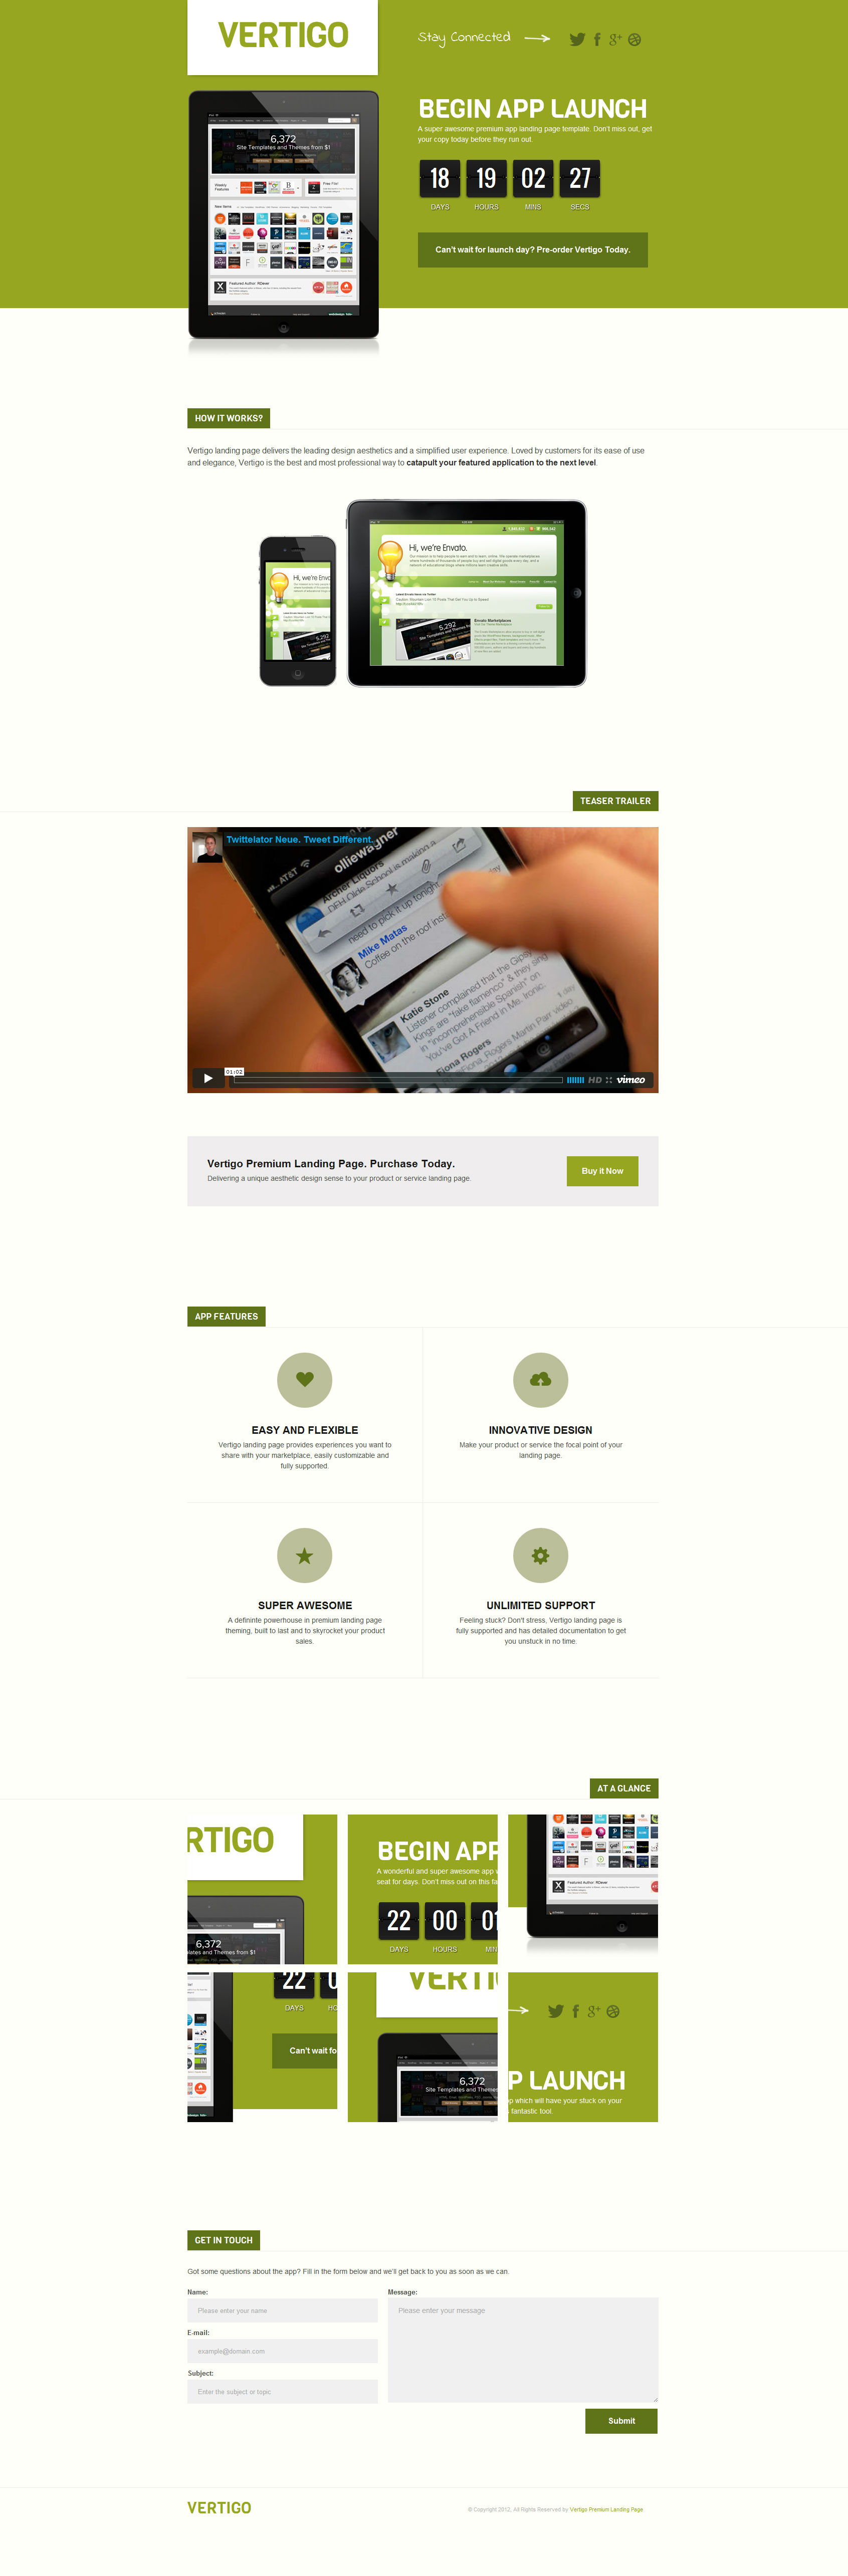 Vertigo Premium Landing Page